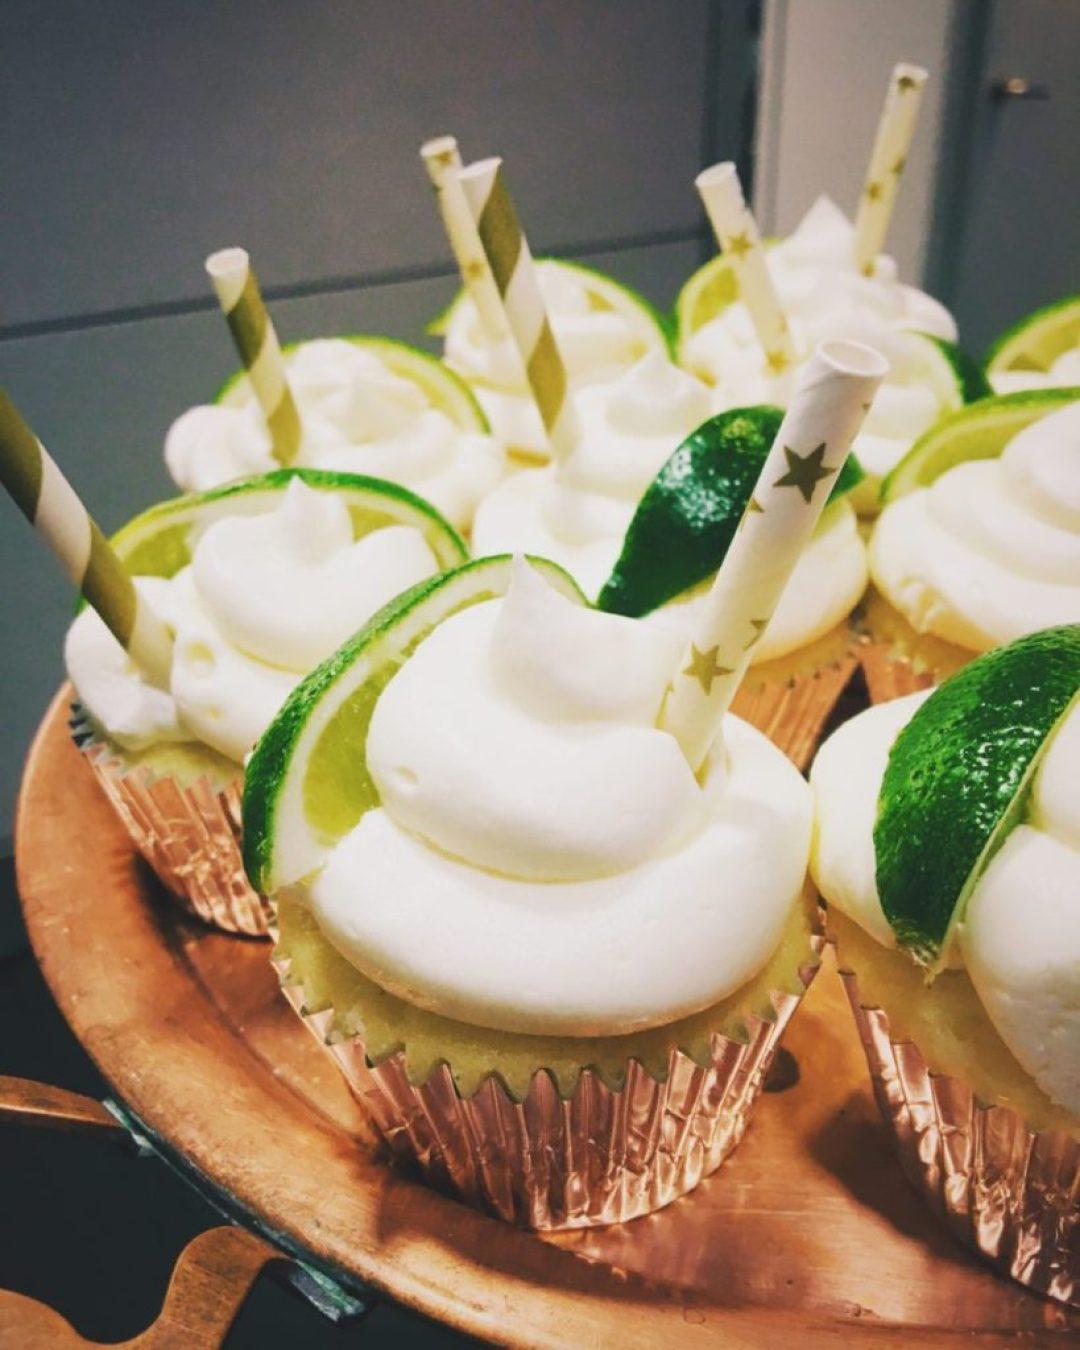 Margarita Cupcakes using Leftover Buttermilk